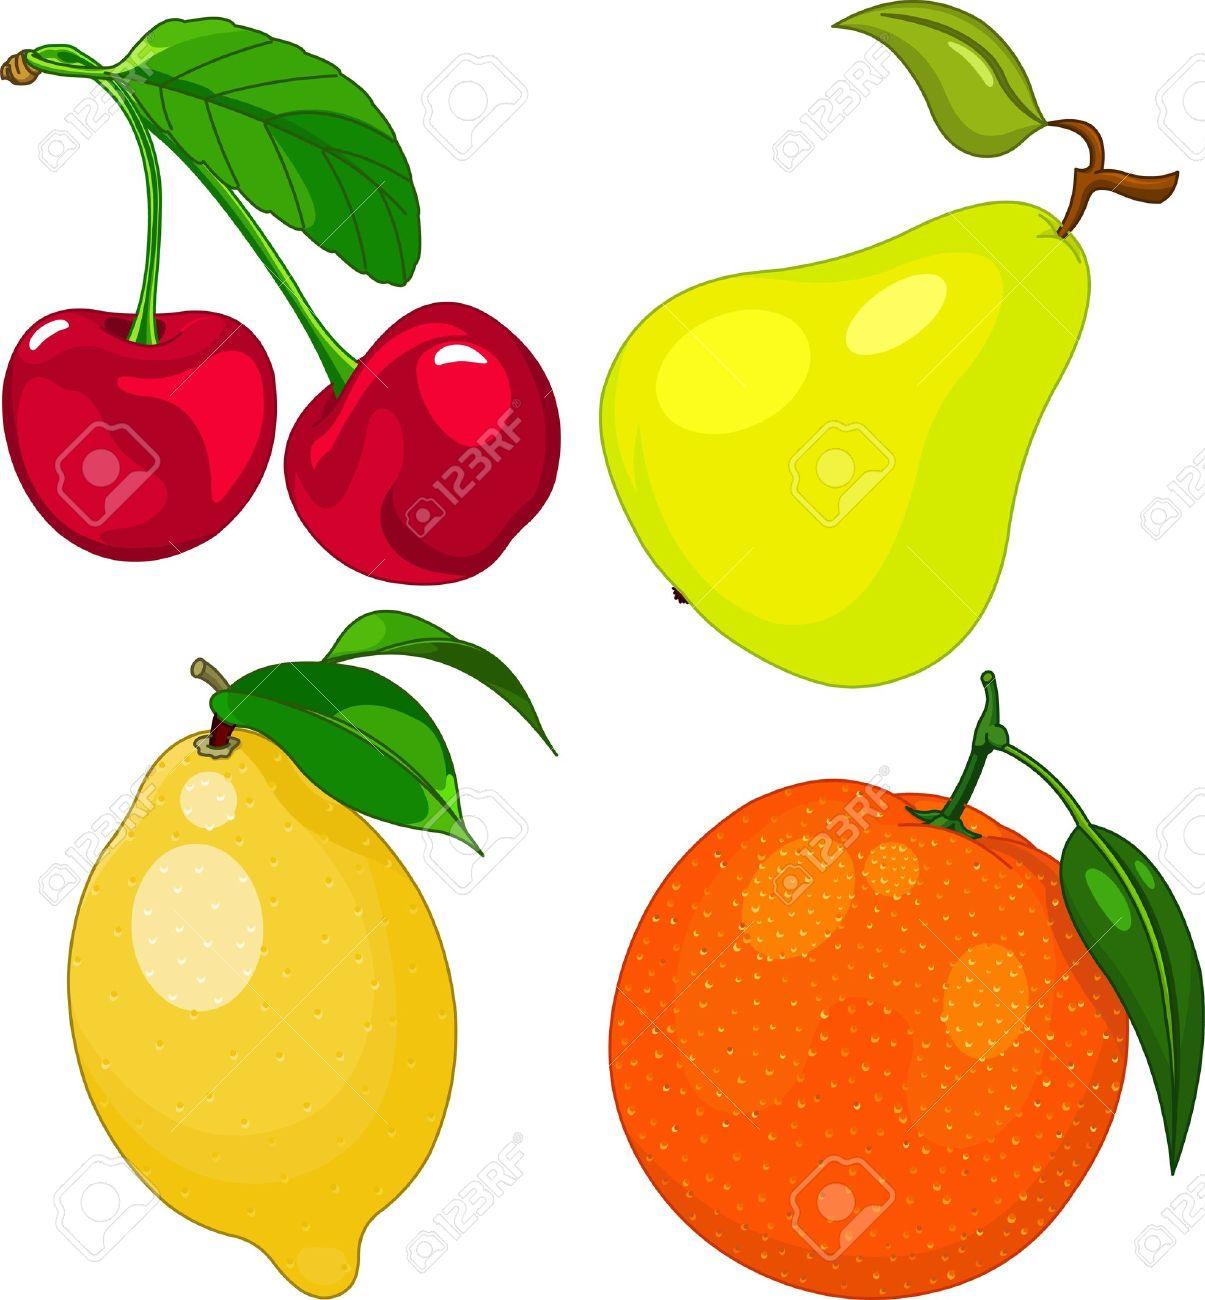 Fruit Dessin la mise à fruit dessin animé, notamment cerise, poire, citron et d